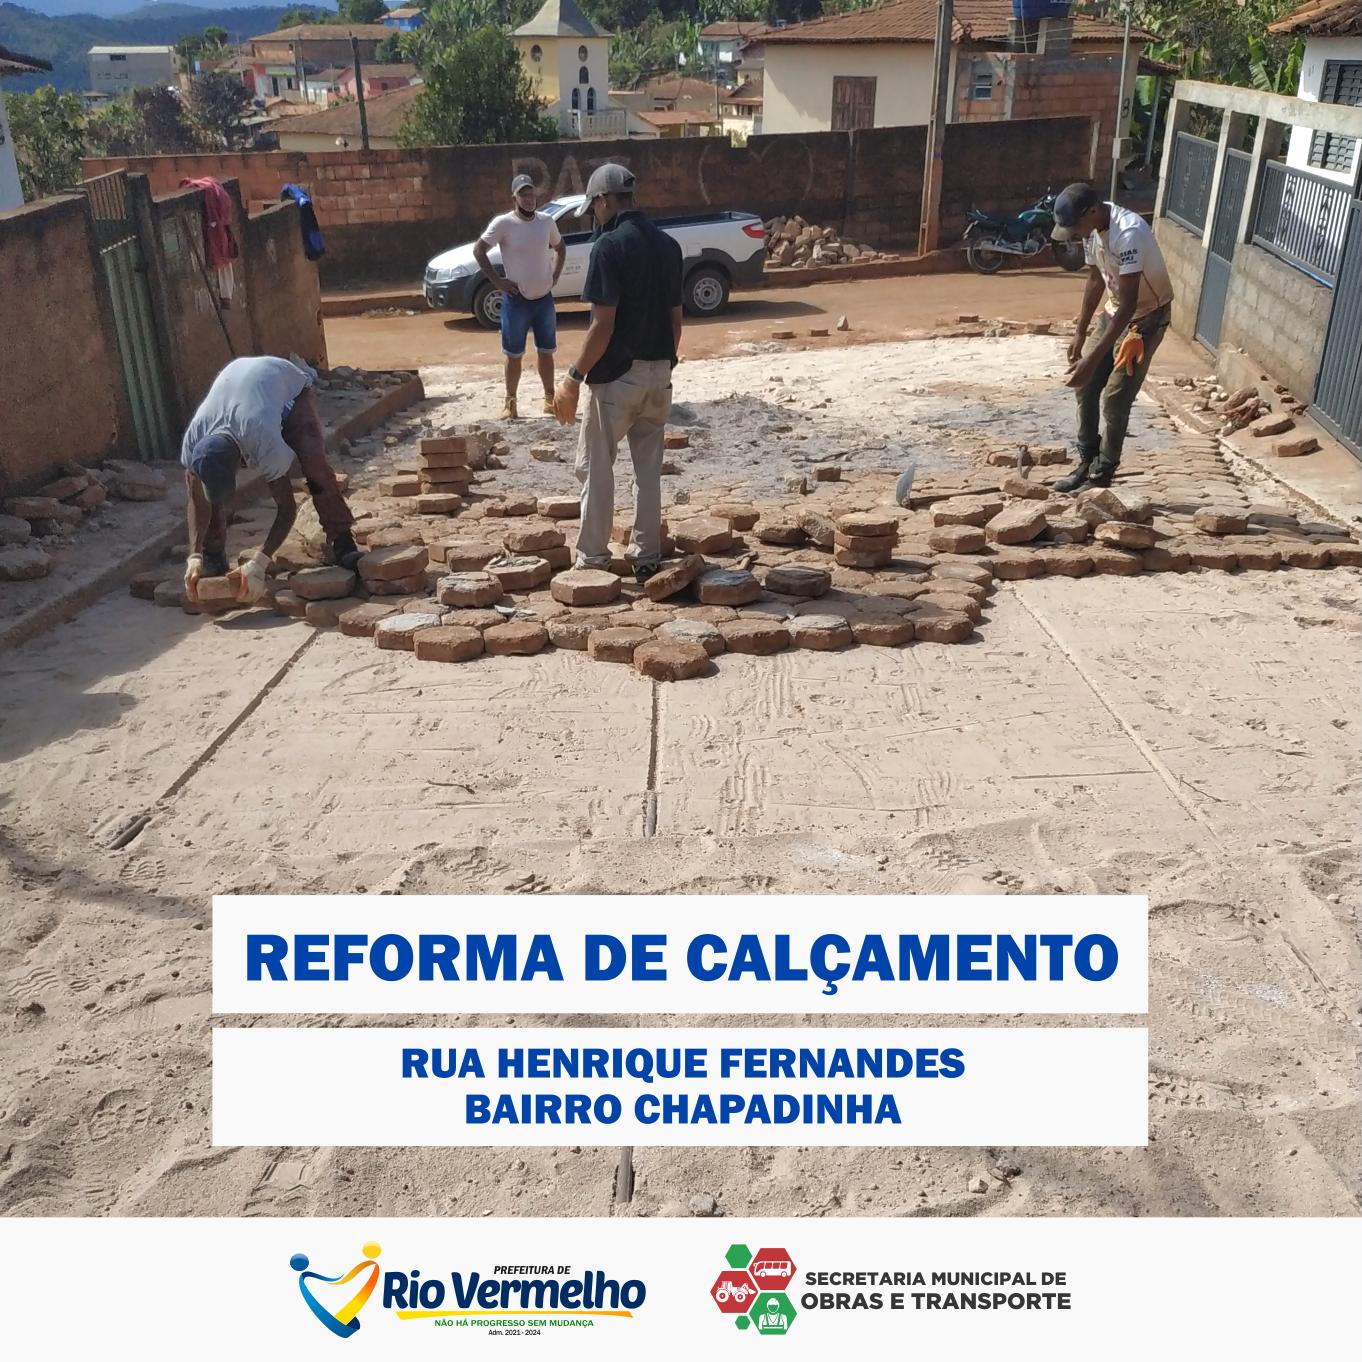 REFORMA DO CALÇAMENTO DA RUA HENRIQUE FERNANDES, BAIRRO CHAPADINHA